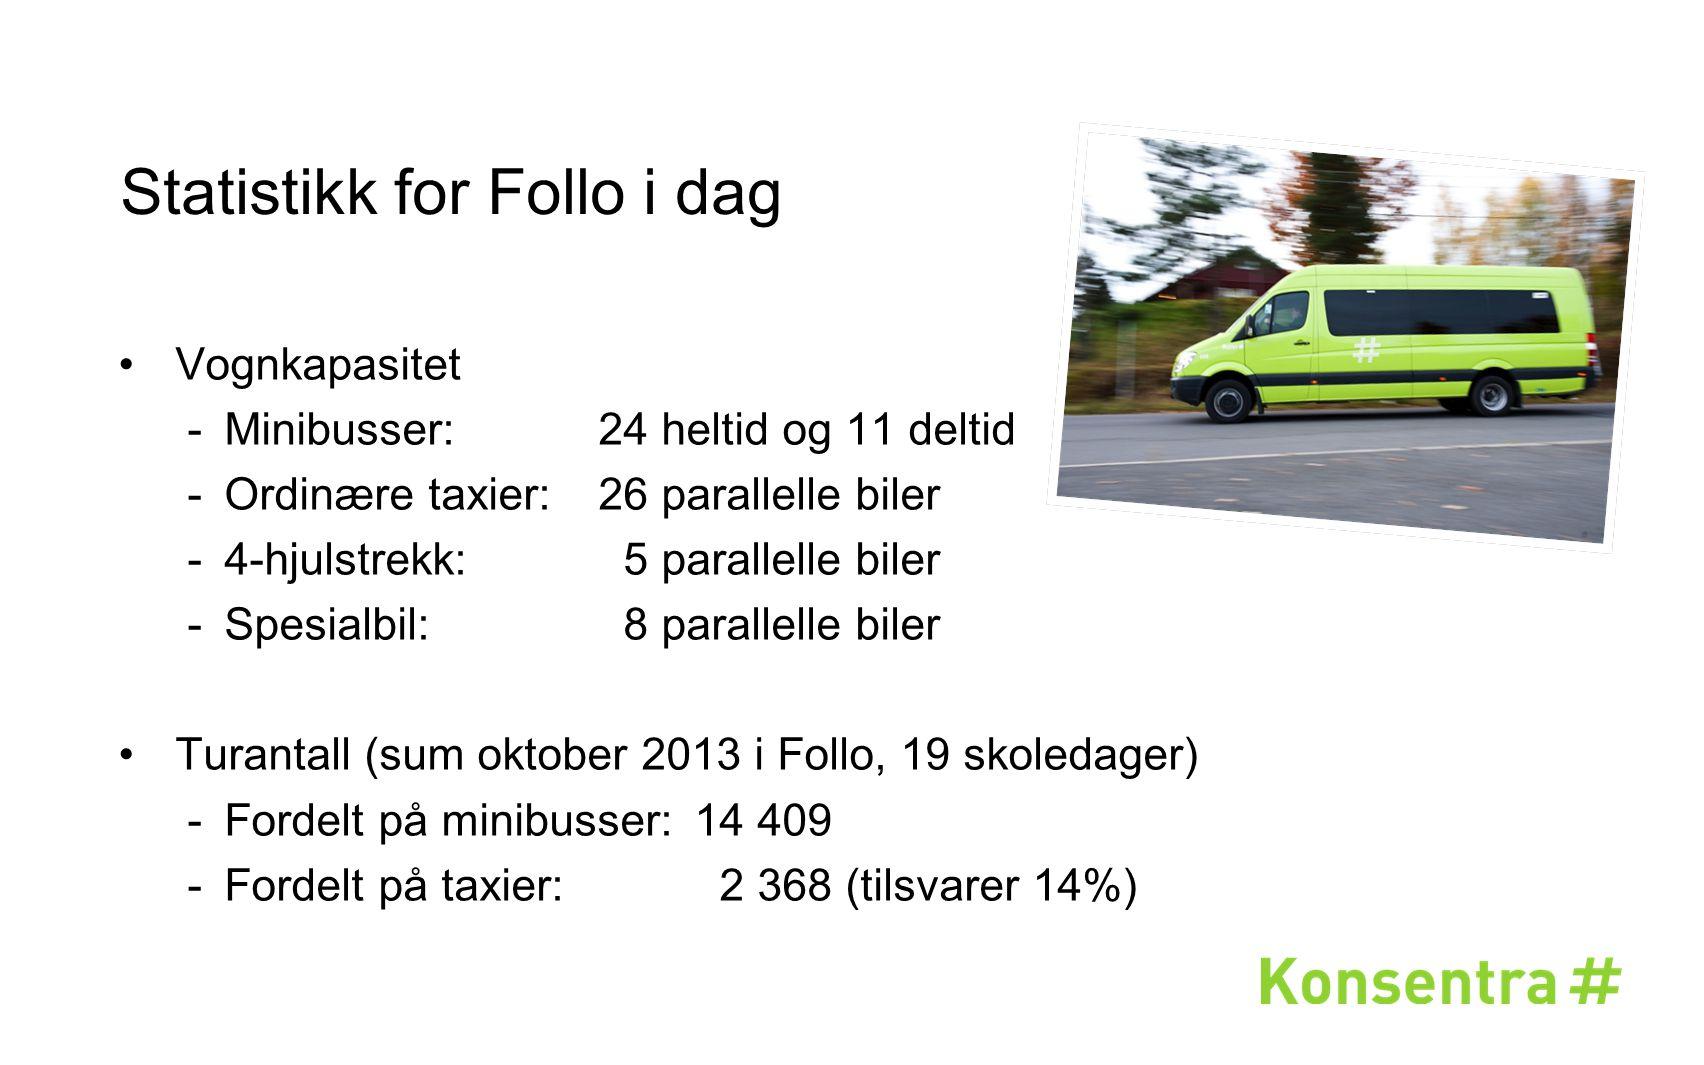 Statistikk for Follo i dag